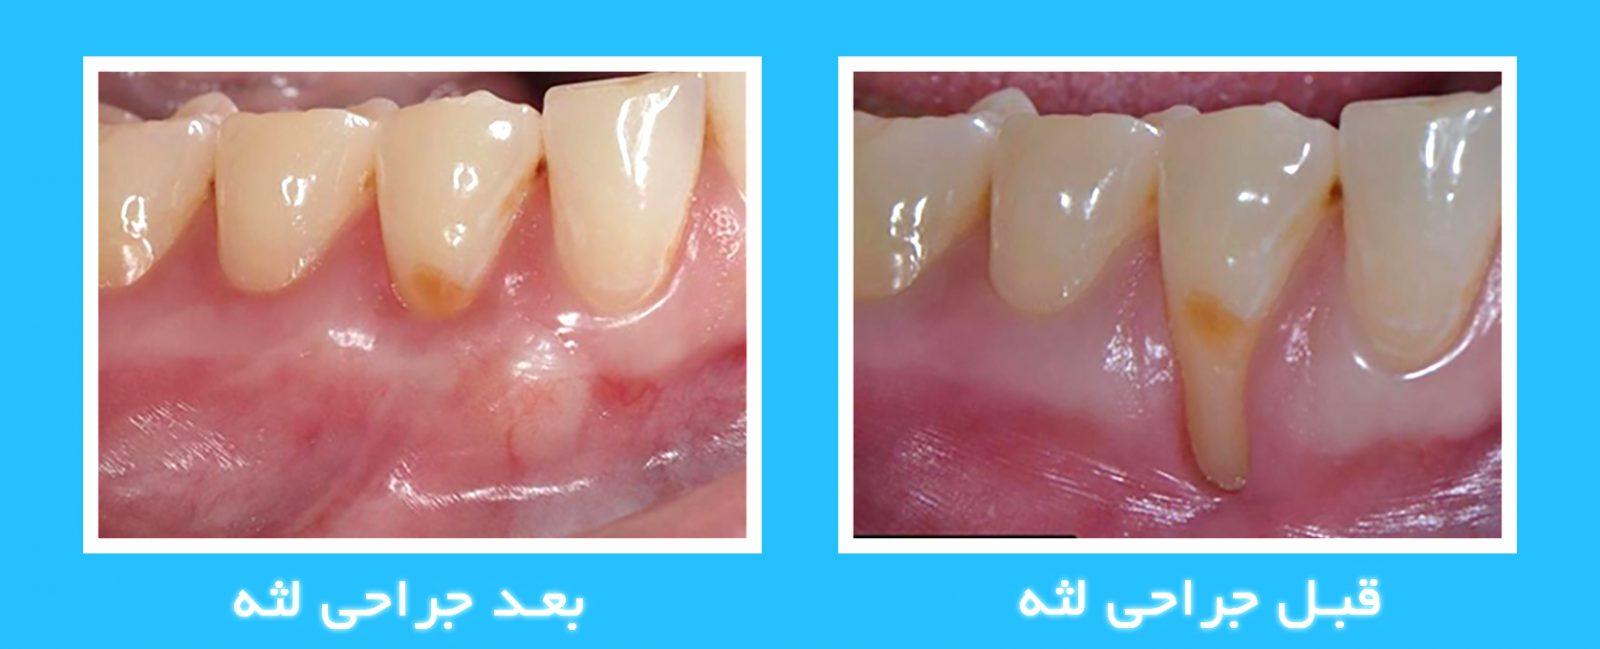 قبل و بعد از جراحی لثه